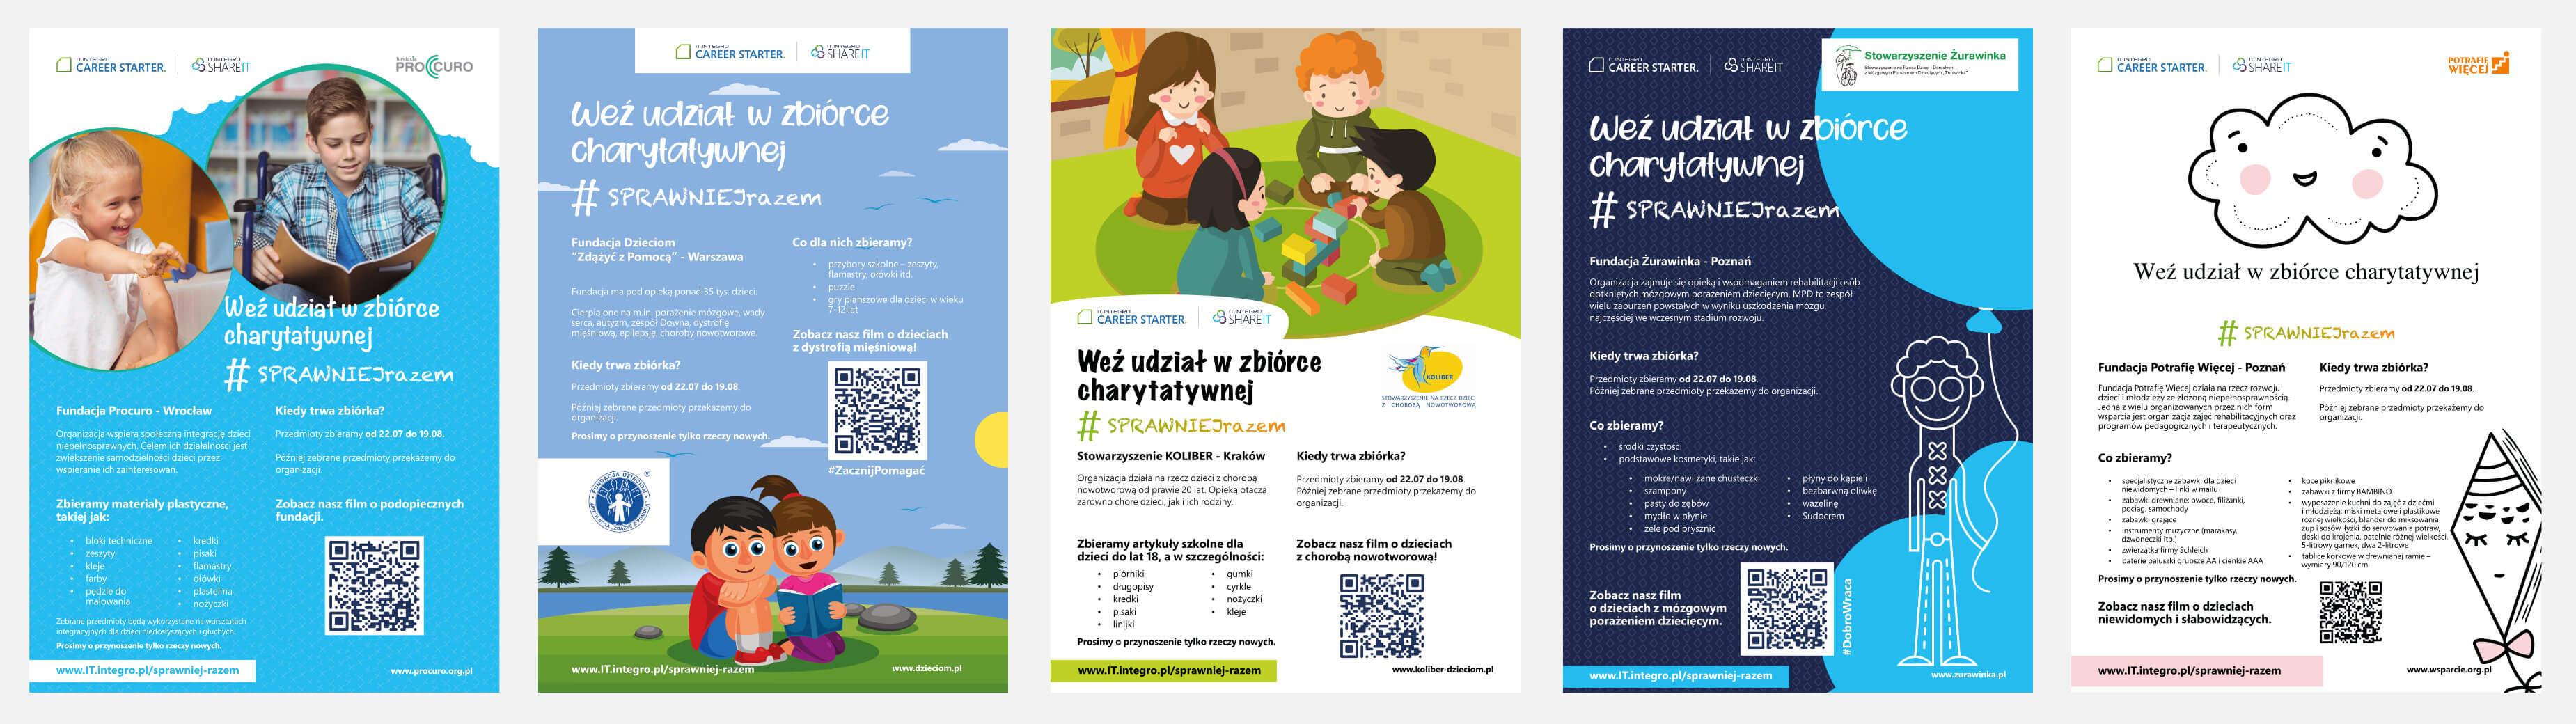 Plakaty promujące zbiórkę charytatywną w IT.integro